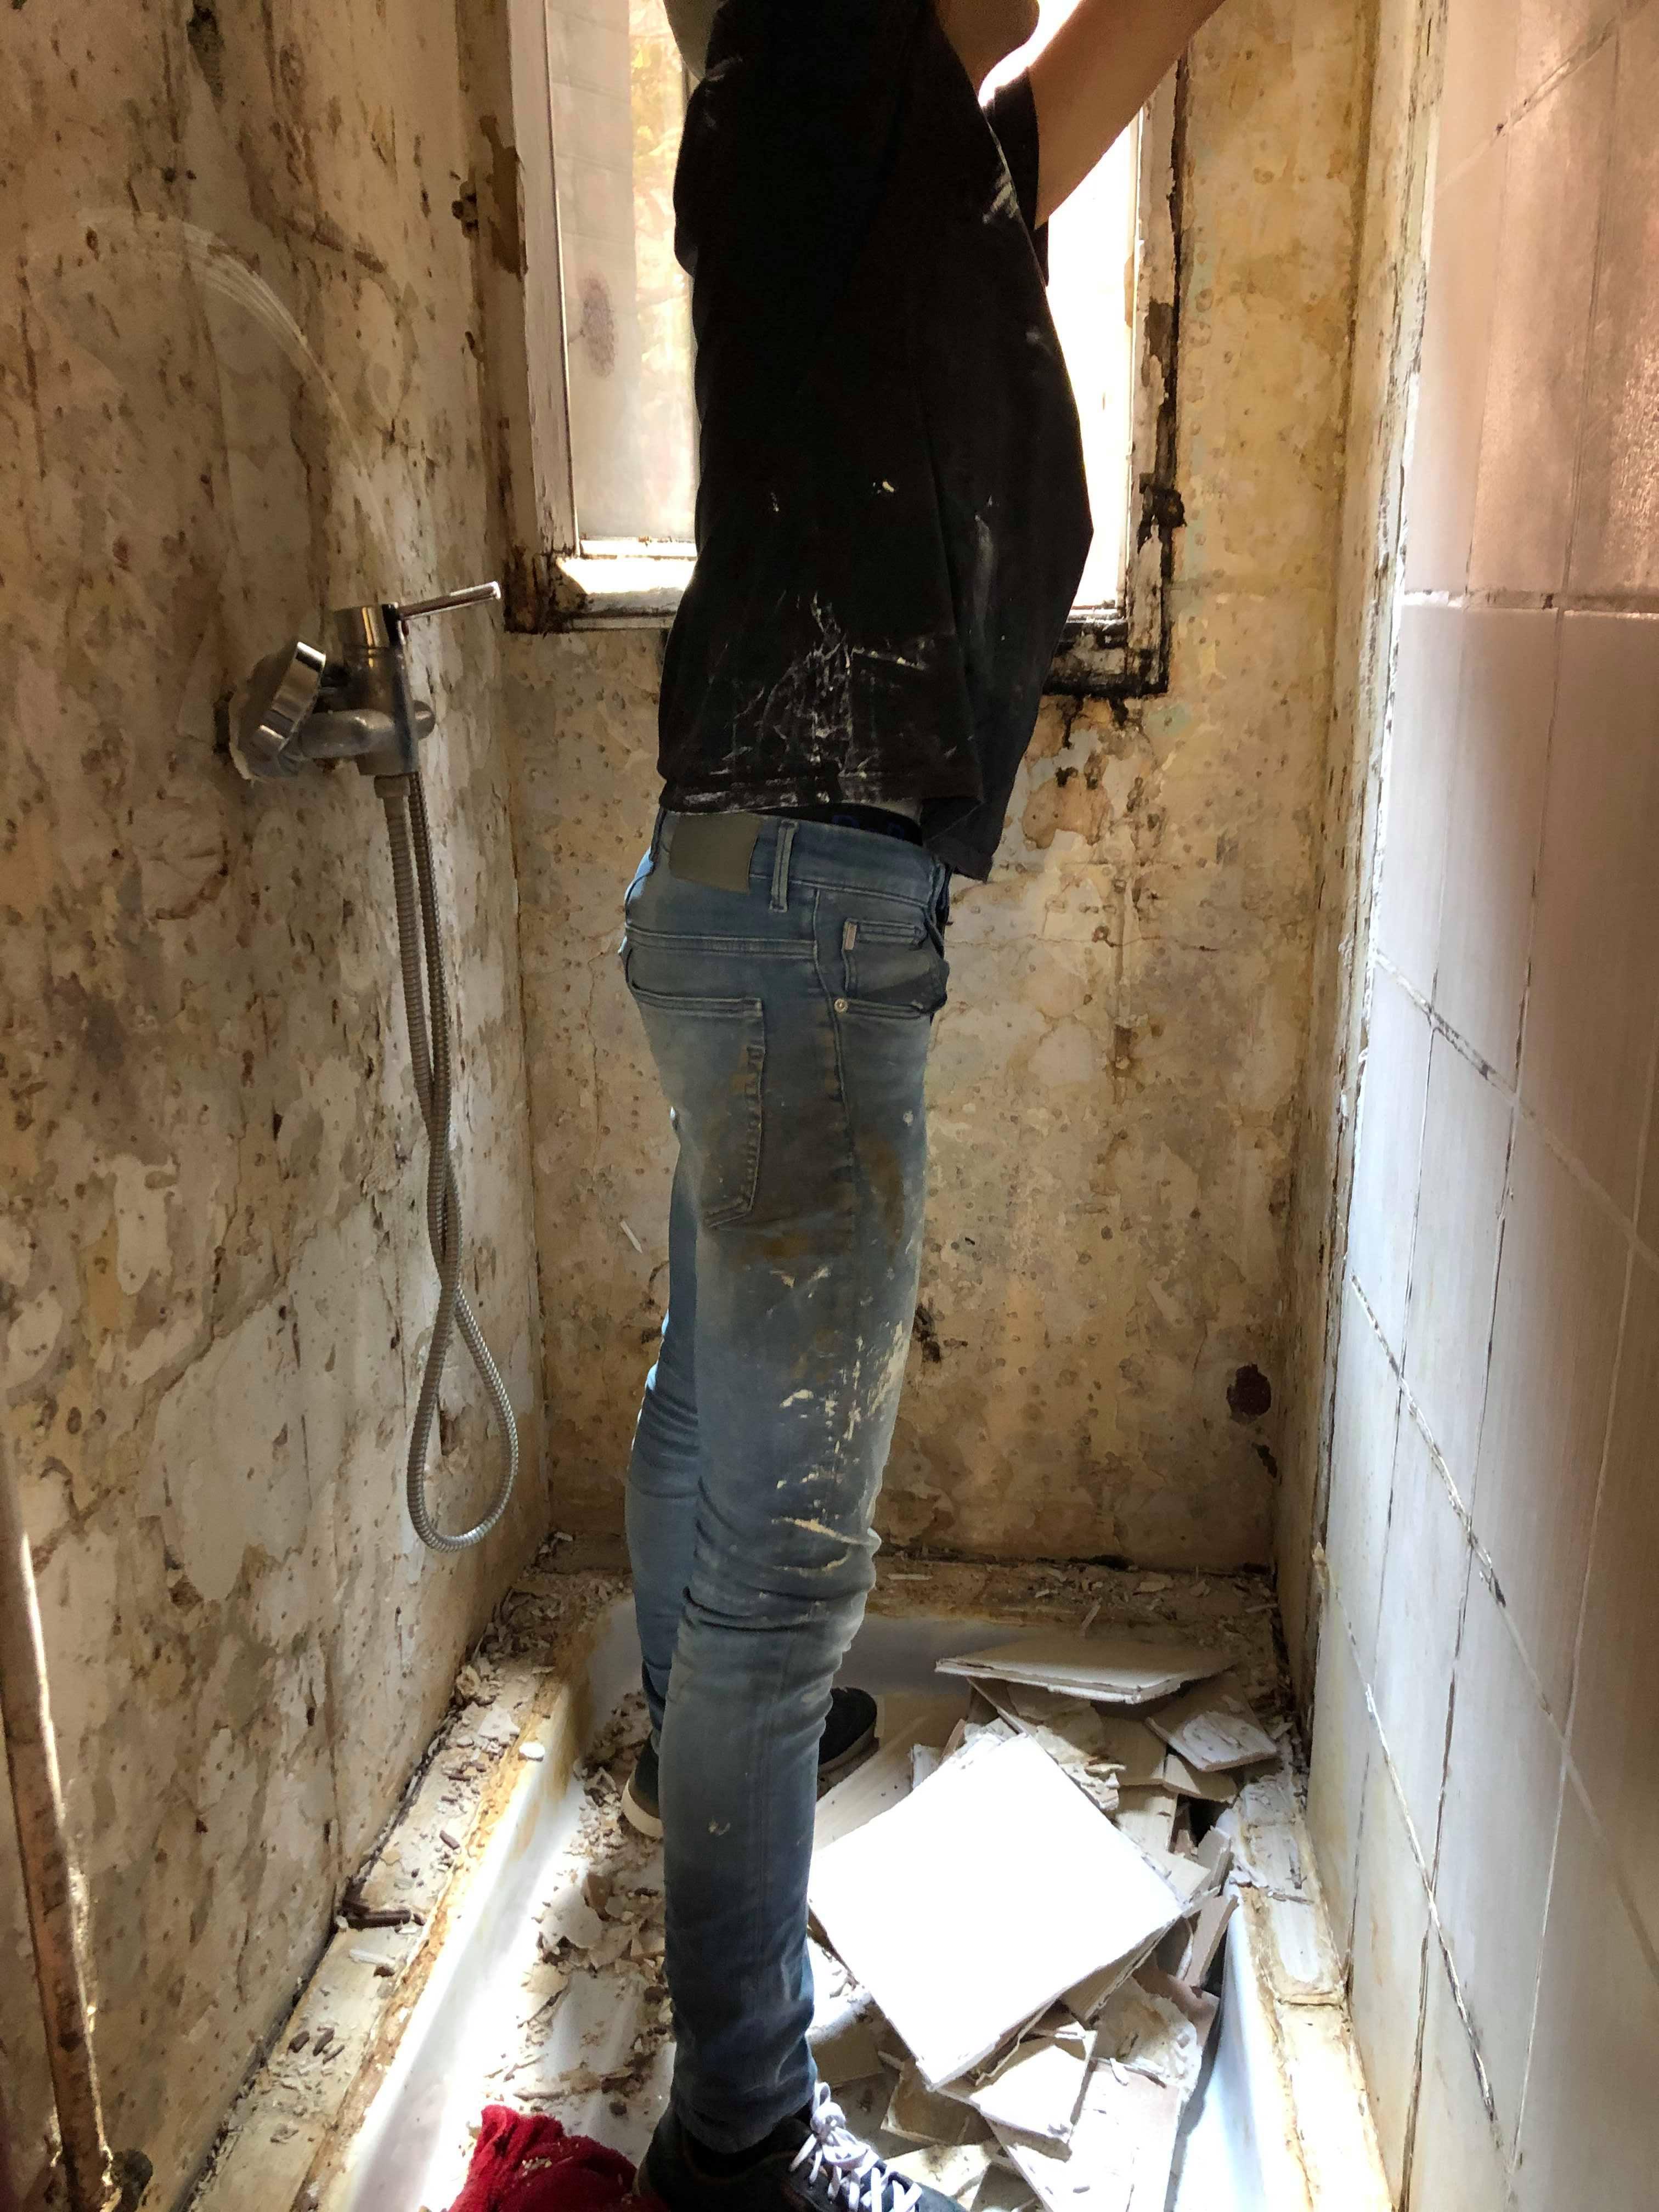 entreprise-generale-texas-batiment-mohamed-soliman-rge-travaux-renovation-salle-de-bain-carrelage-plomberie-douche-a-l-italienne-espace-moderne-sobre-5